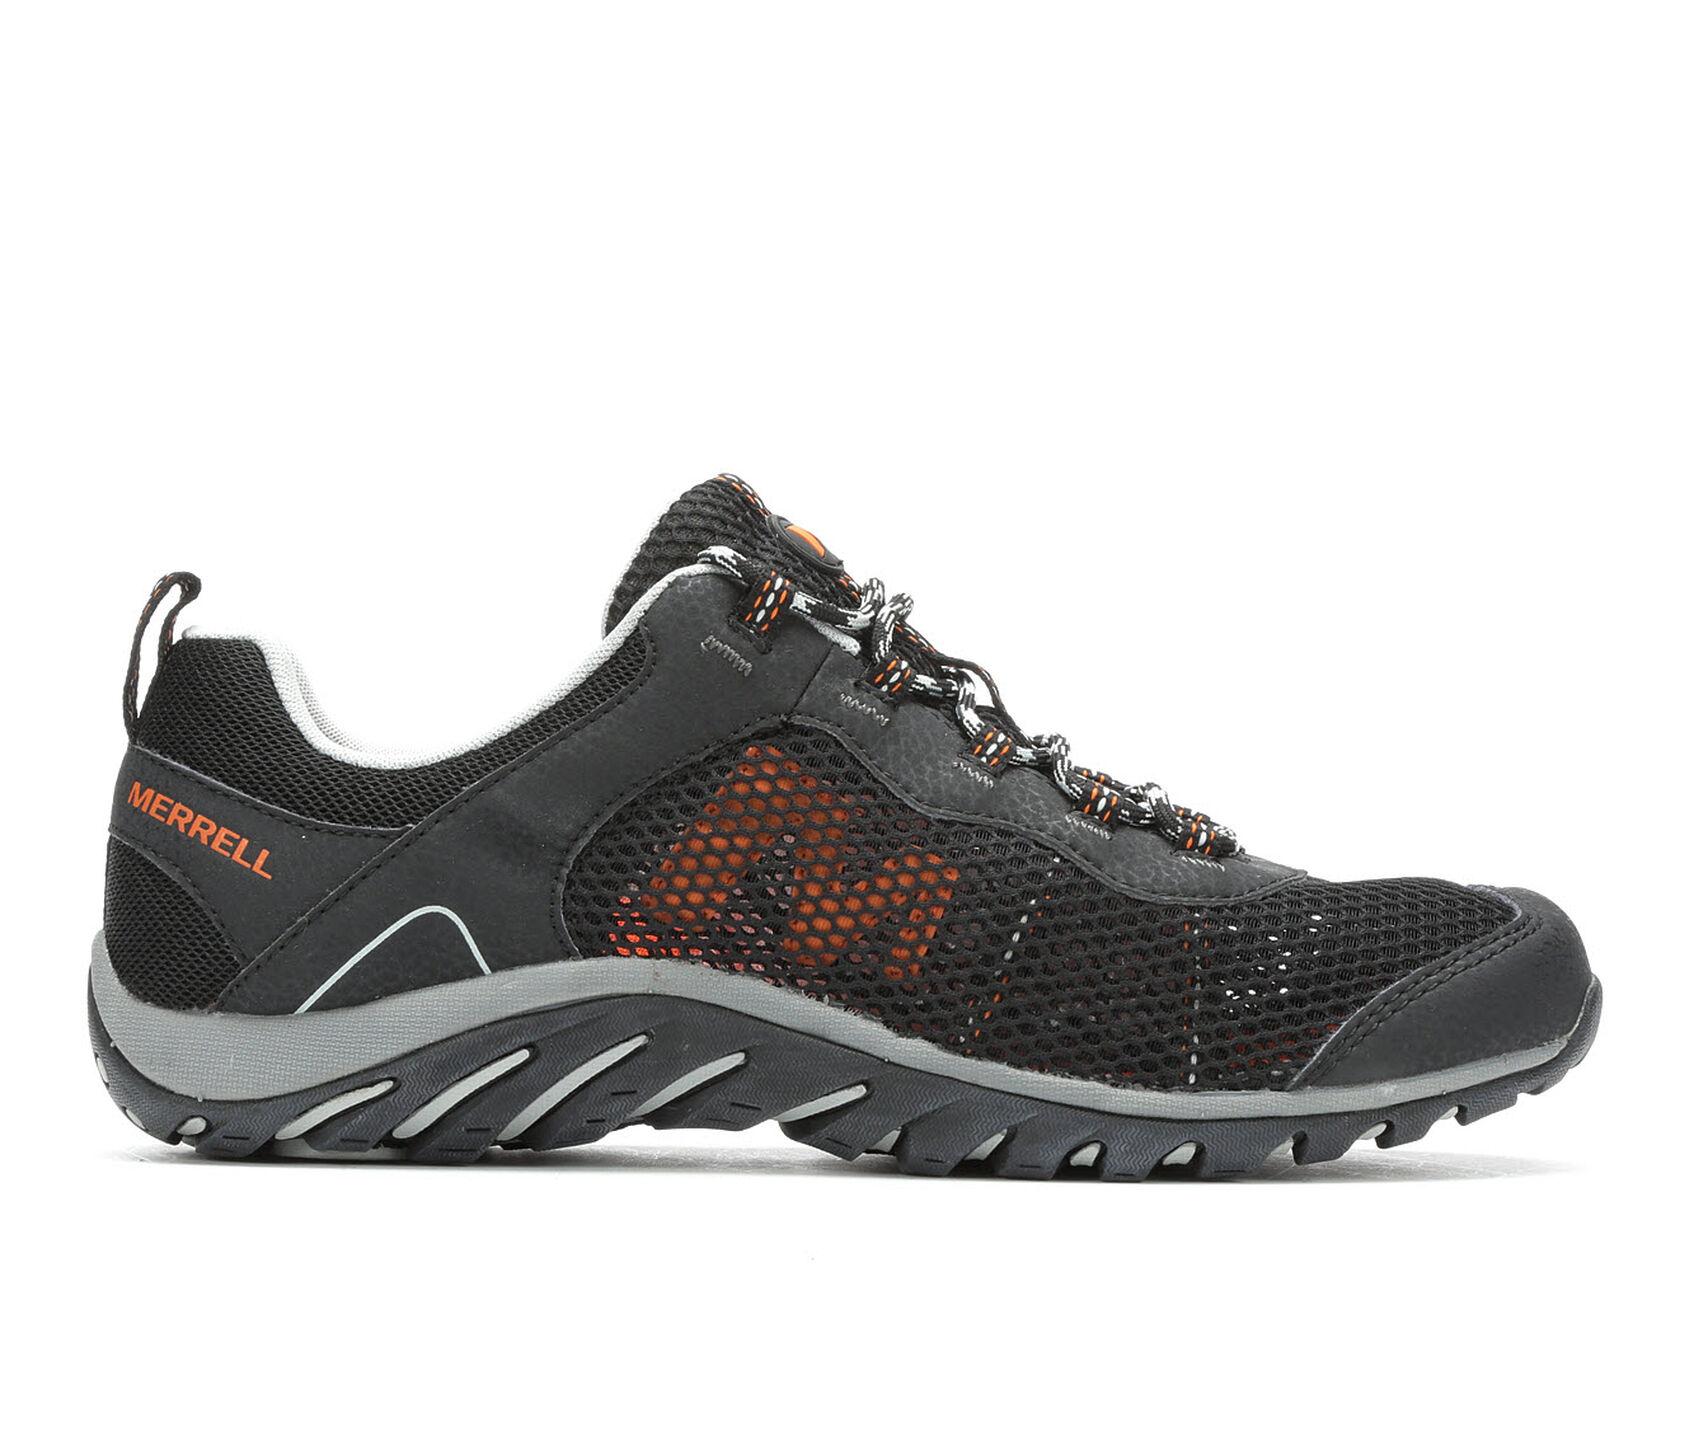 a4f8d5e804 Men's Merrell Riverbed Hiking Boots